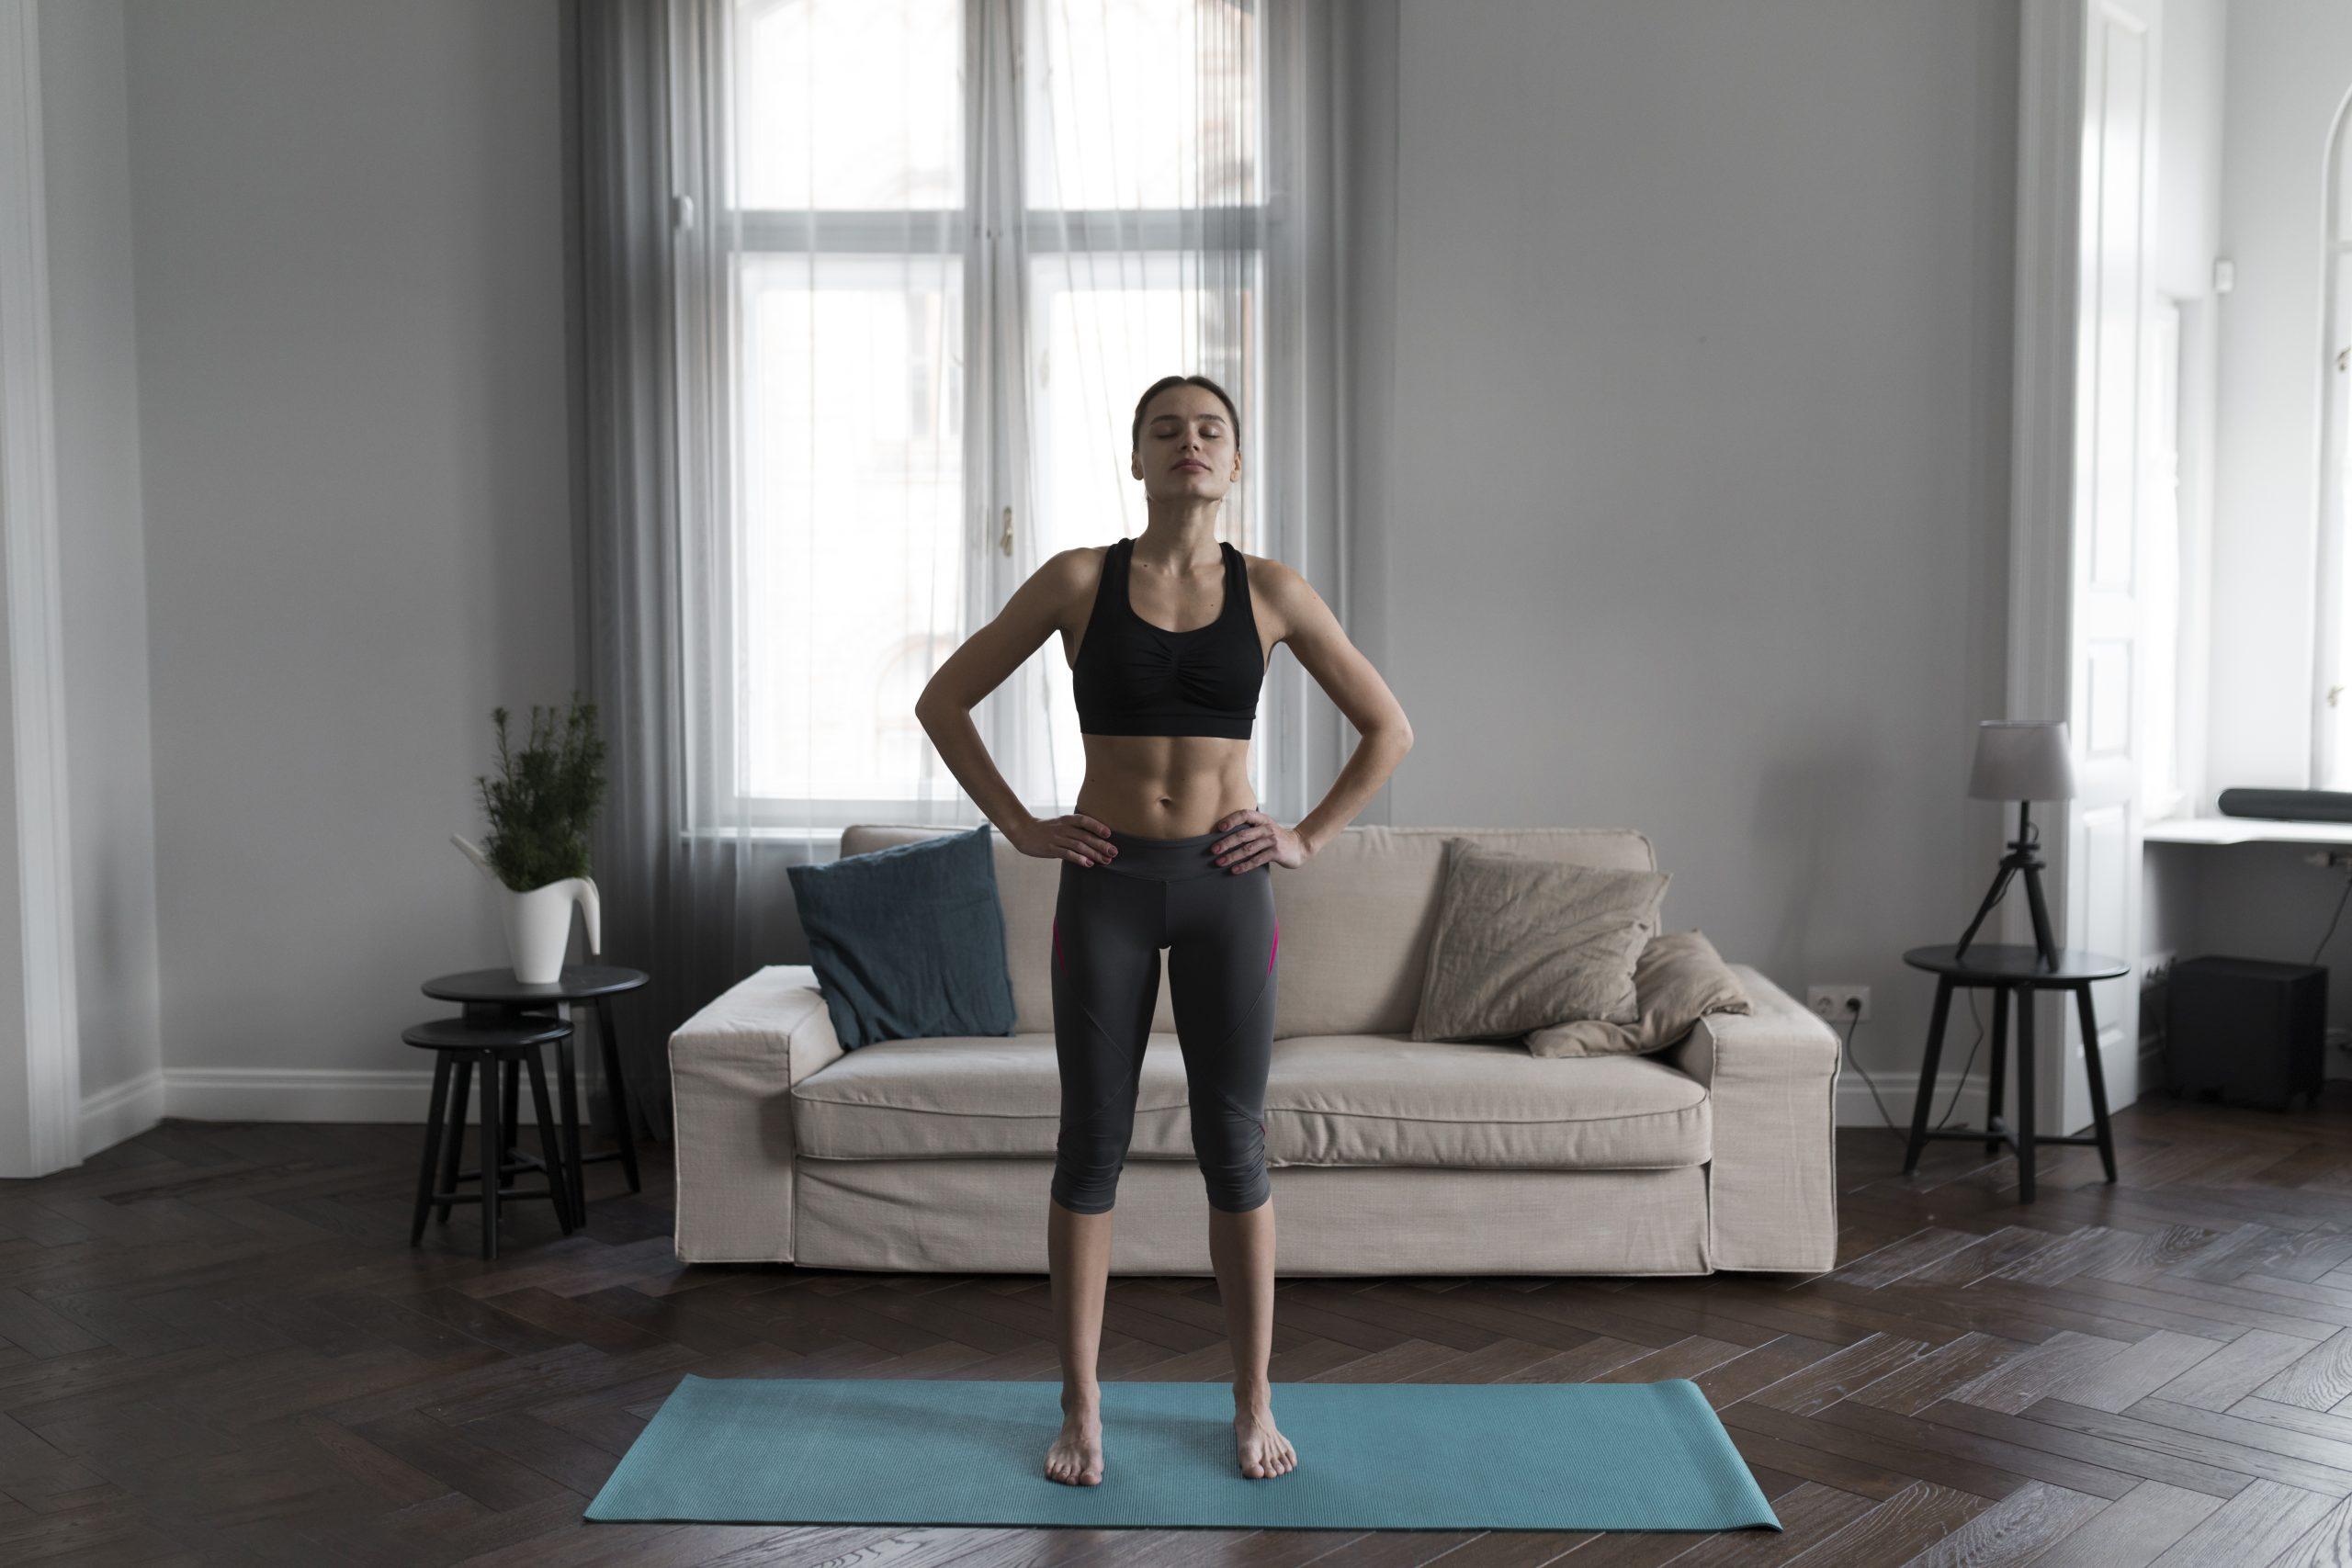 Emagrecer rápido: 7 exercícios para mulheres praticarem em casa